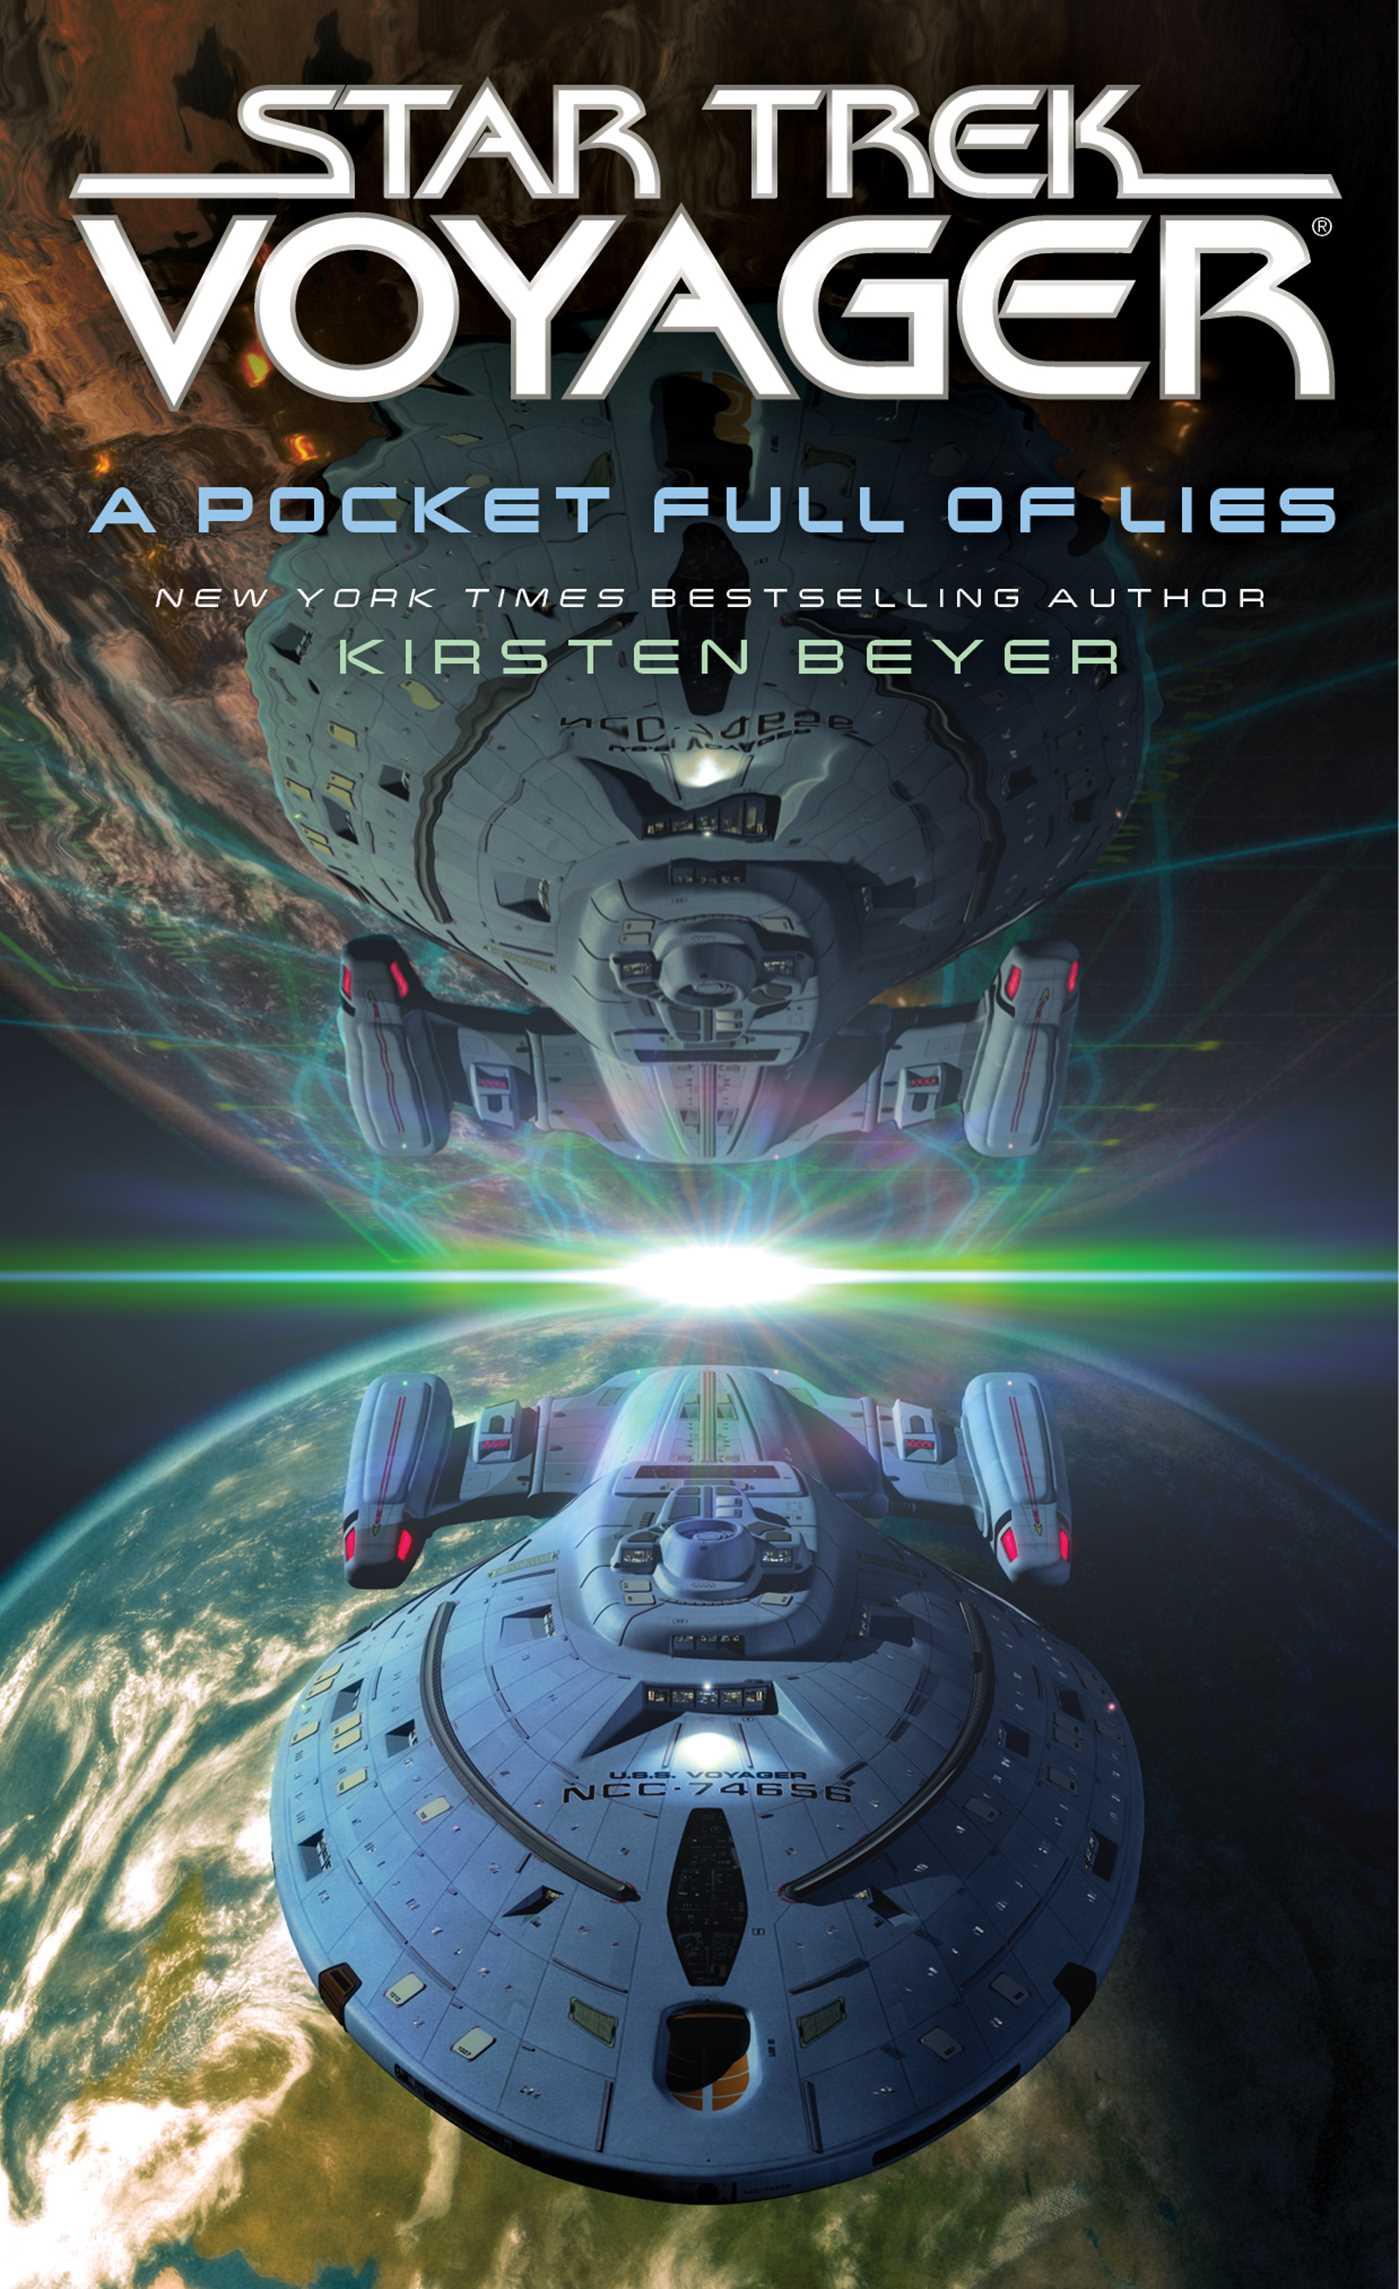 A pocket full of lies 9781476790855 hr